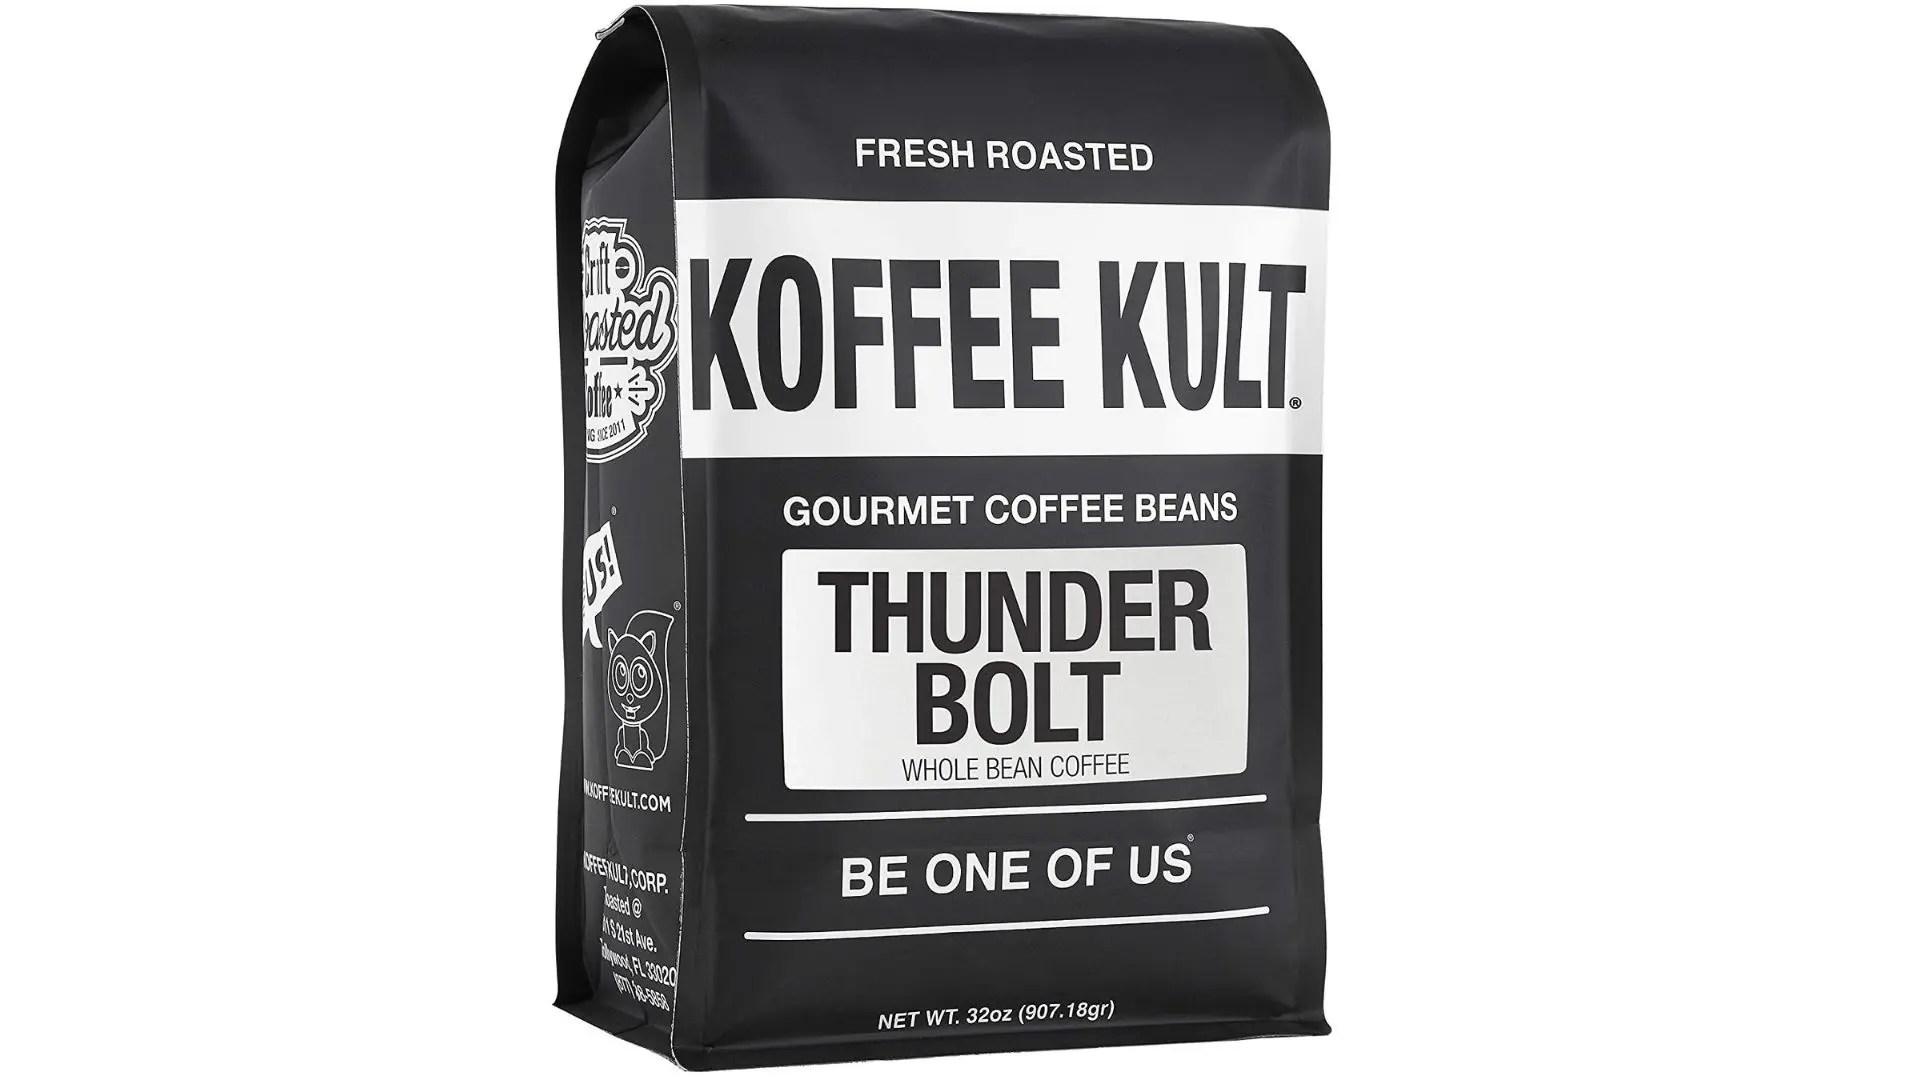 Koffee Kult Thunder Bolt